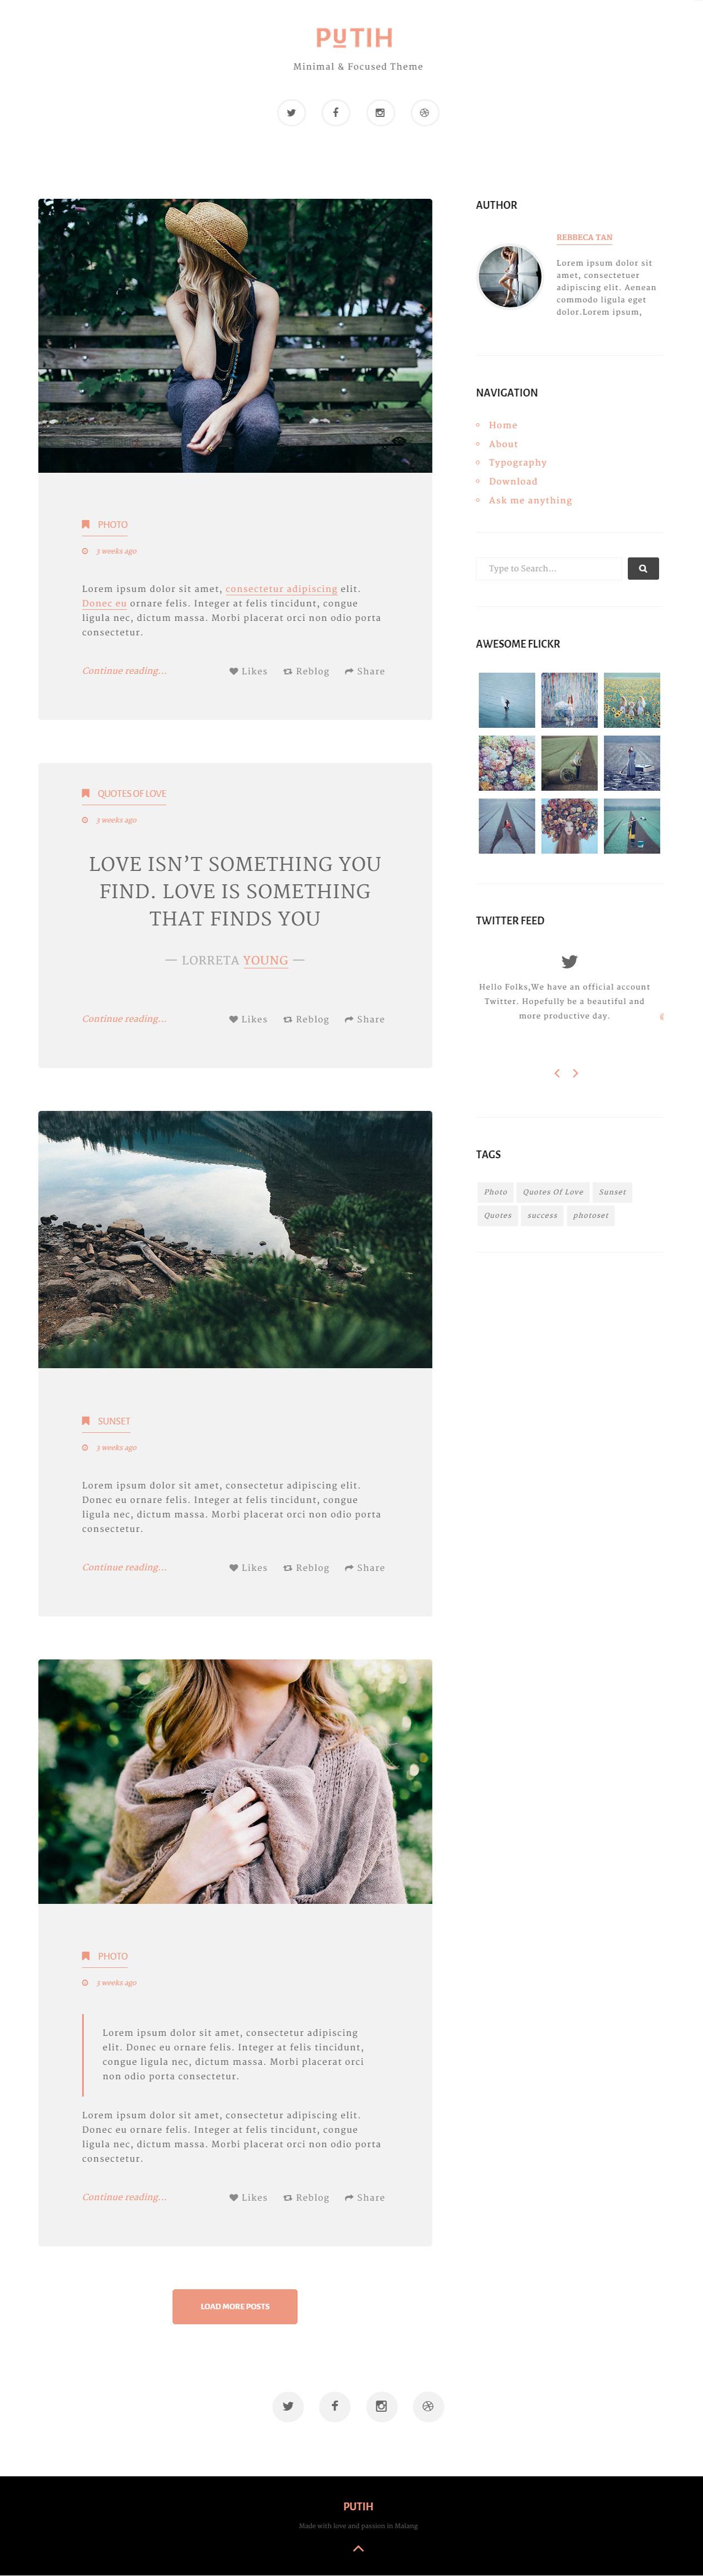 Putih - Premium Responsive Clean Personal Tumblr Theme